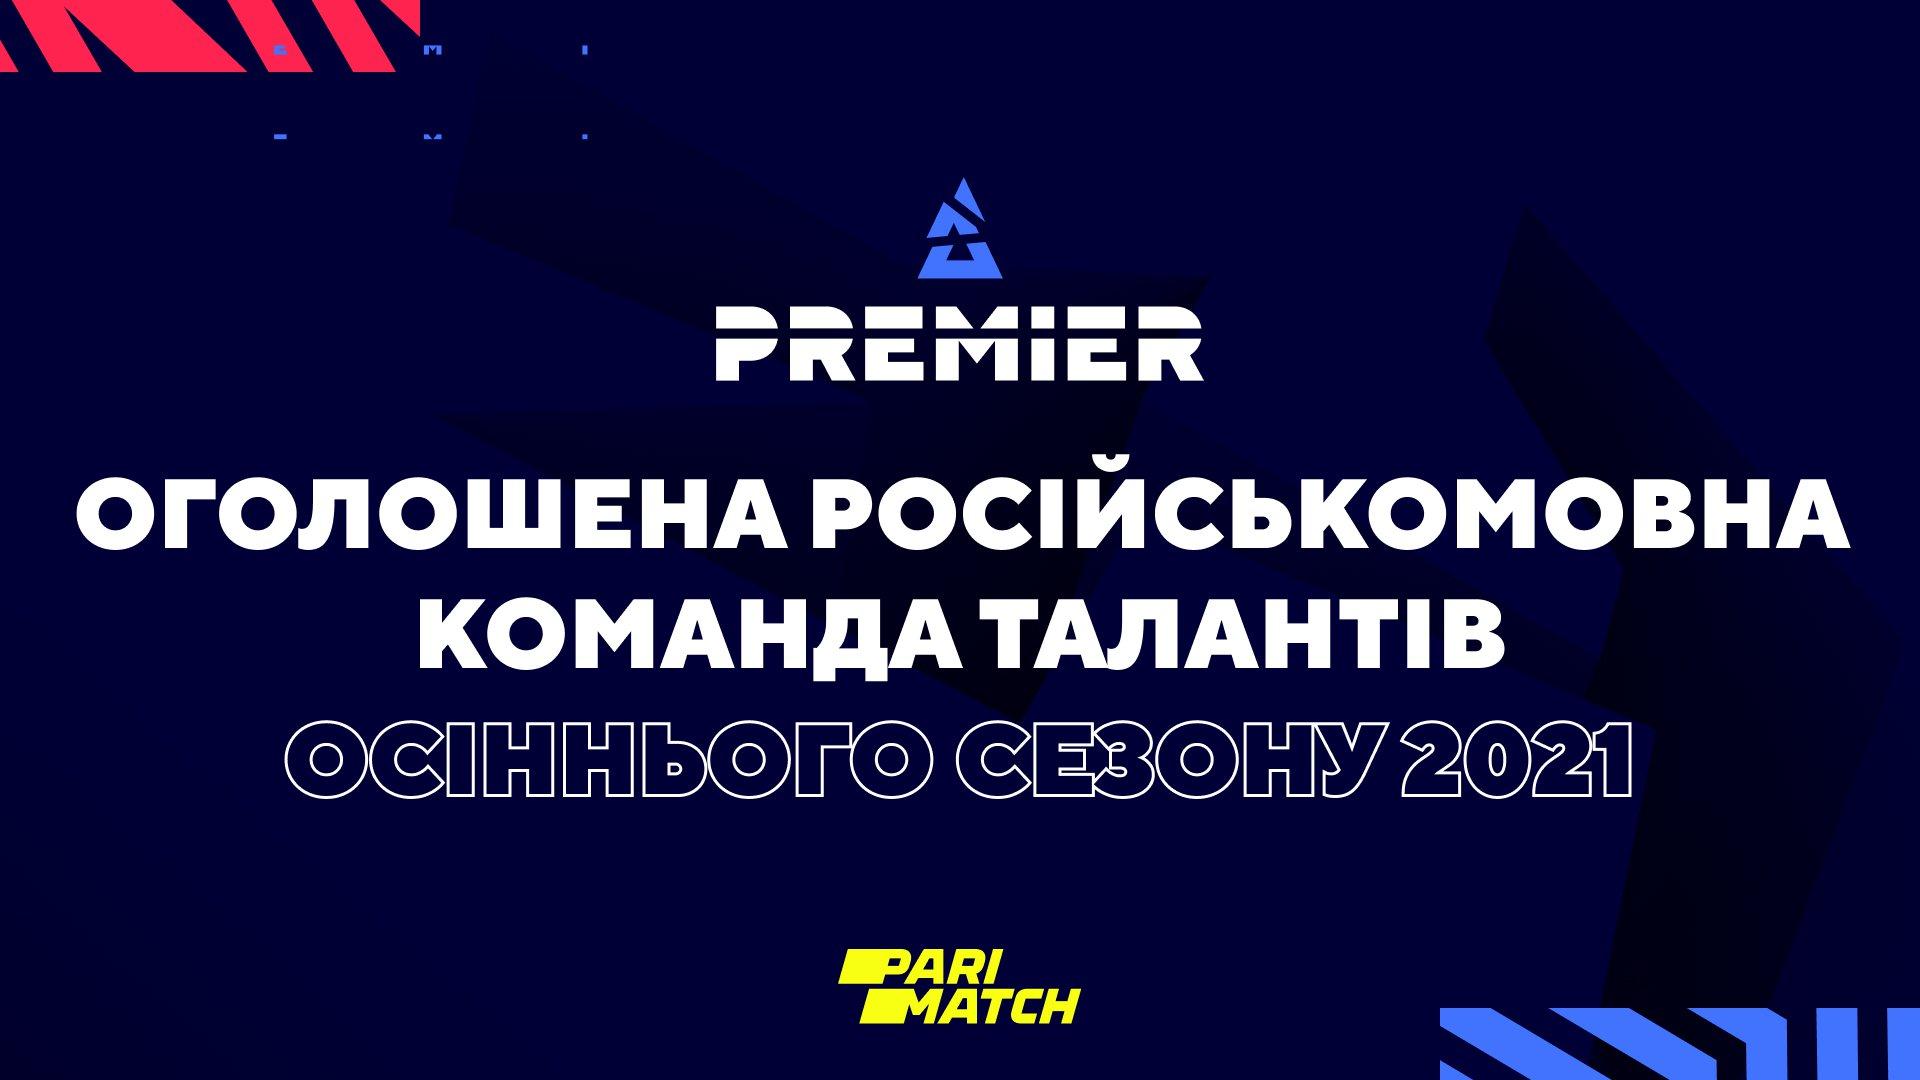 Оголошено російськомовну команду талантів BLAST Premier: Fall Groups 2021. Зображення: WePlay Holding